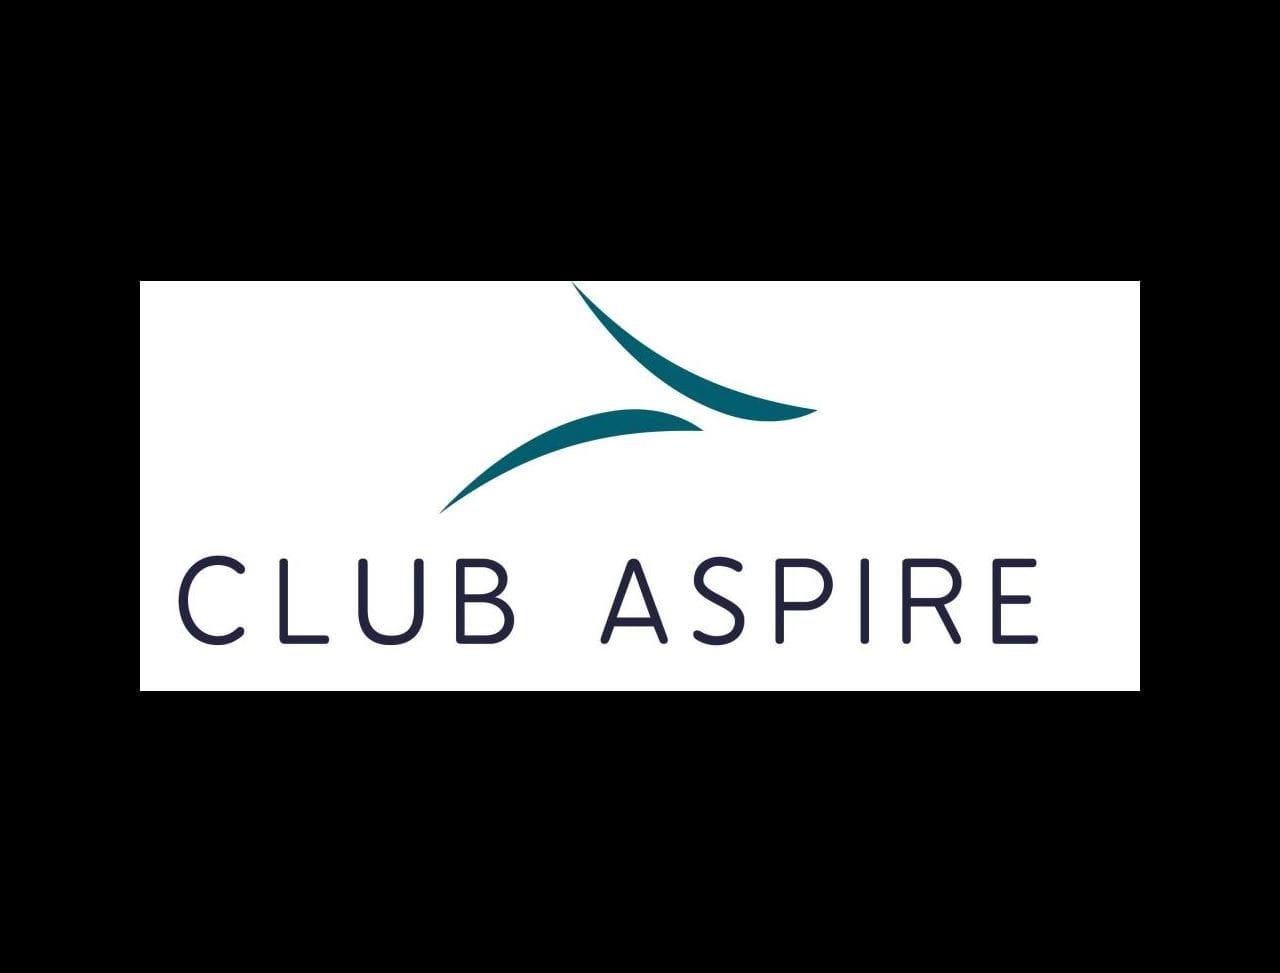 Club Aspire